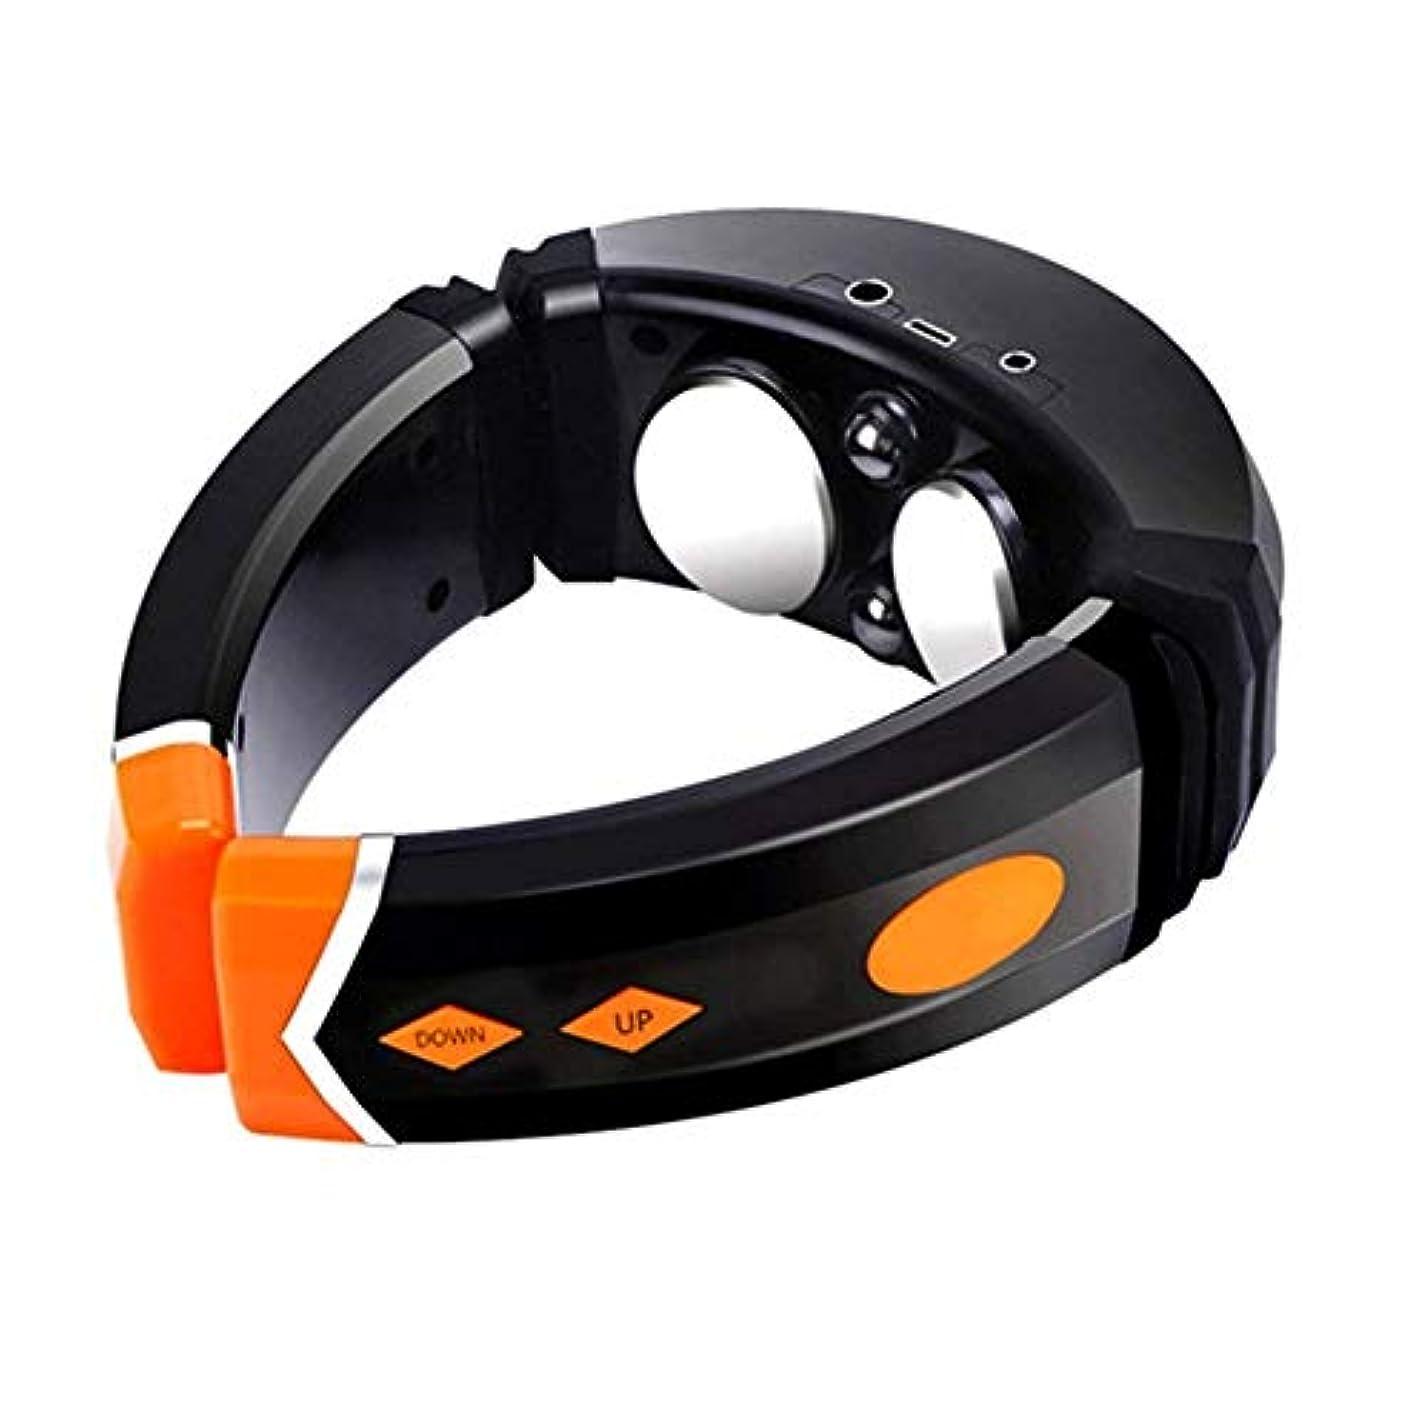 アーチ迷惑曖昧な首のマッサージャー - 多機能 - インテリジェント暖房 - マルチ周波数振動 - マッサージ/レッグ/ウエスト/フット - 筋肉痛の軽減